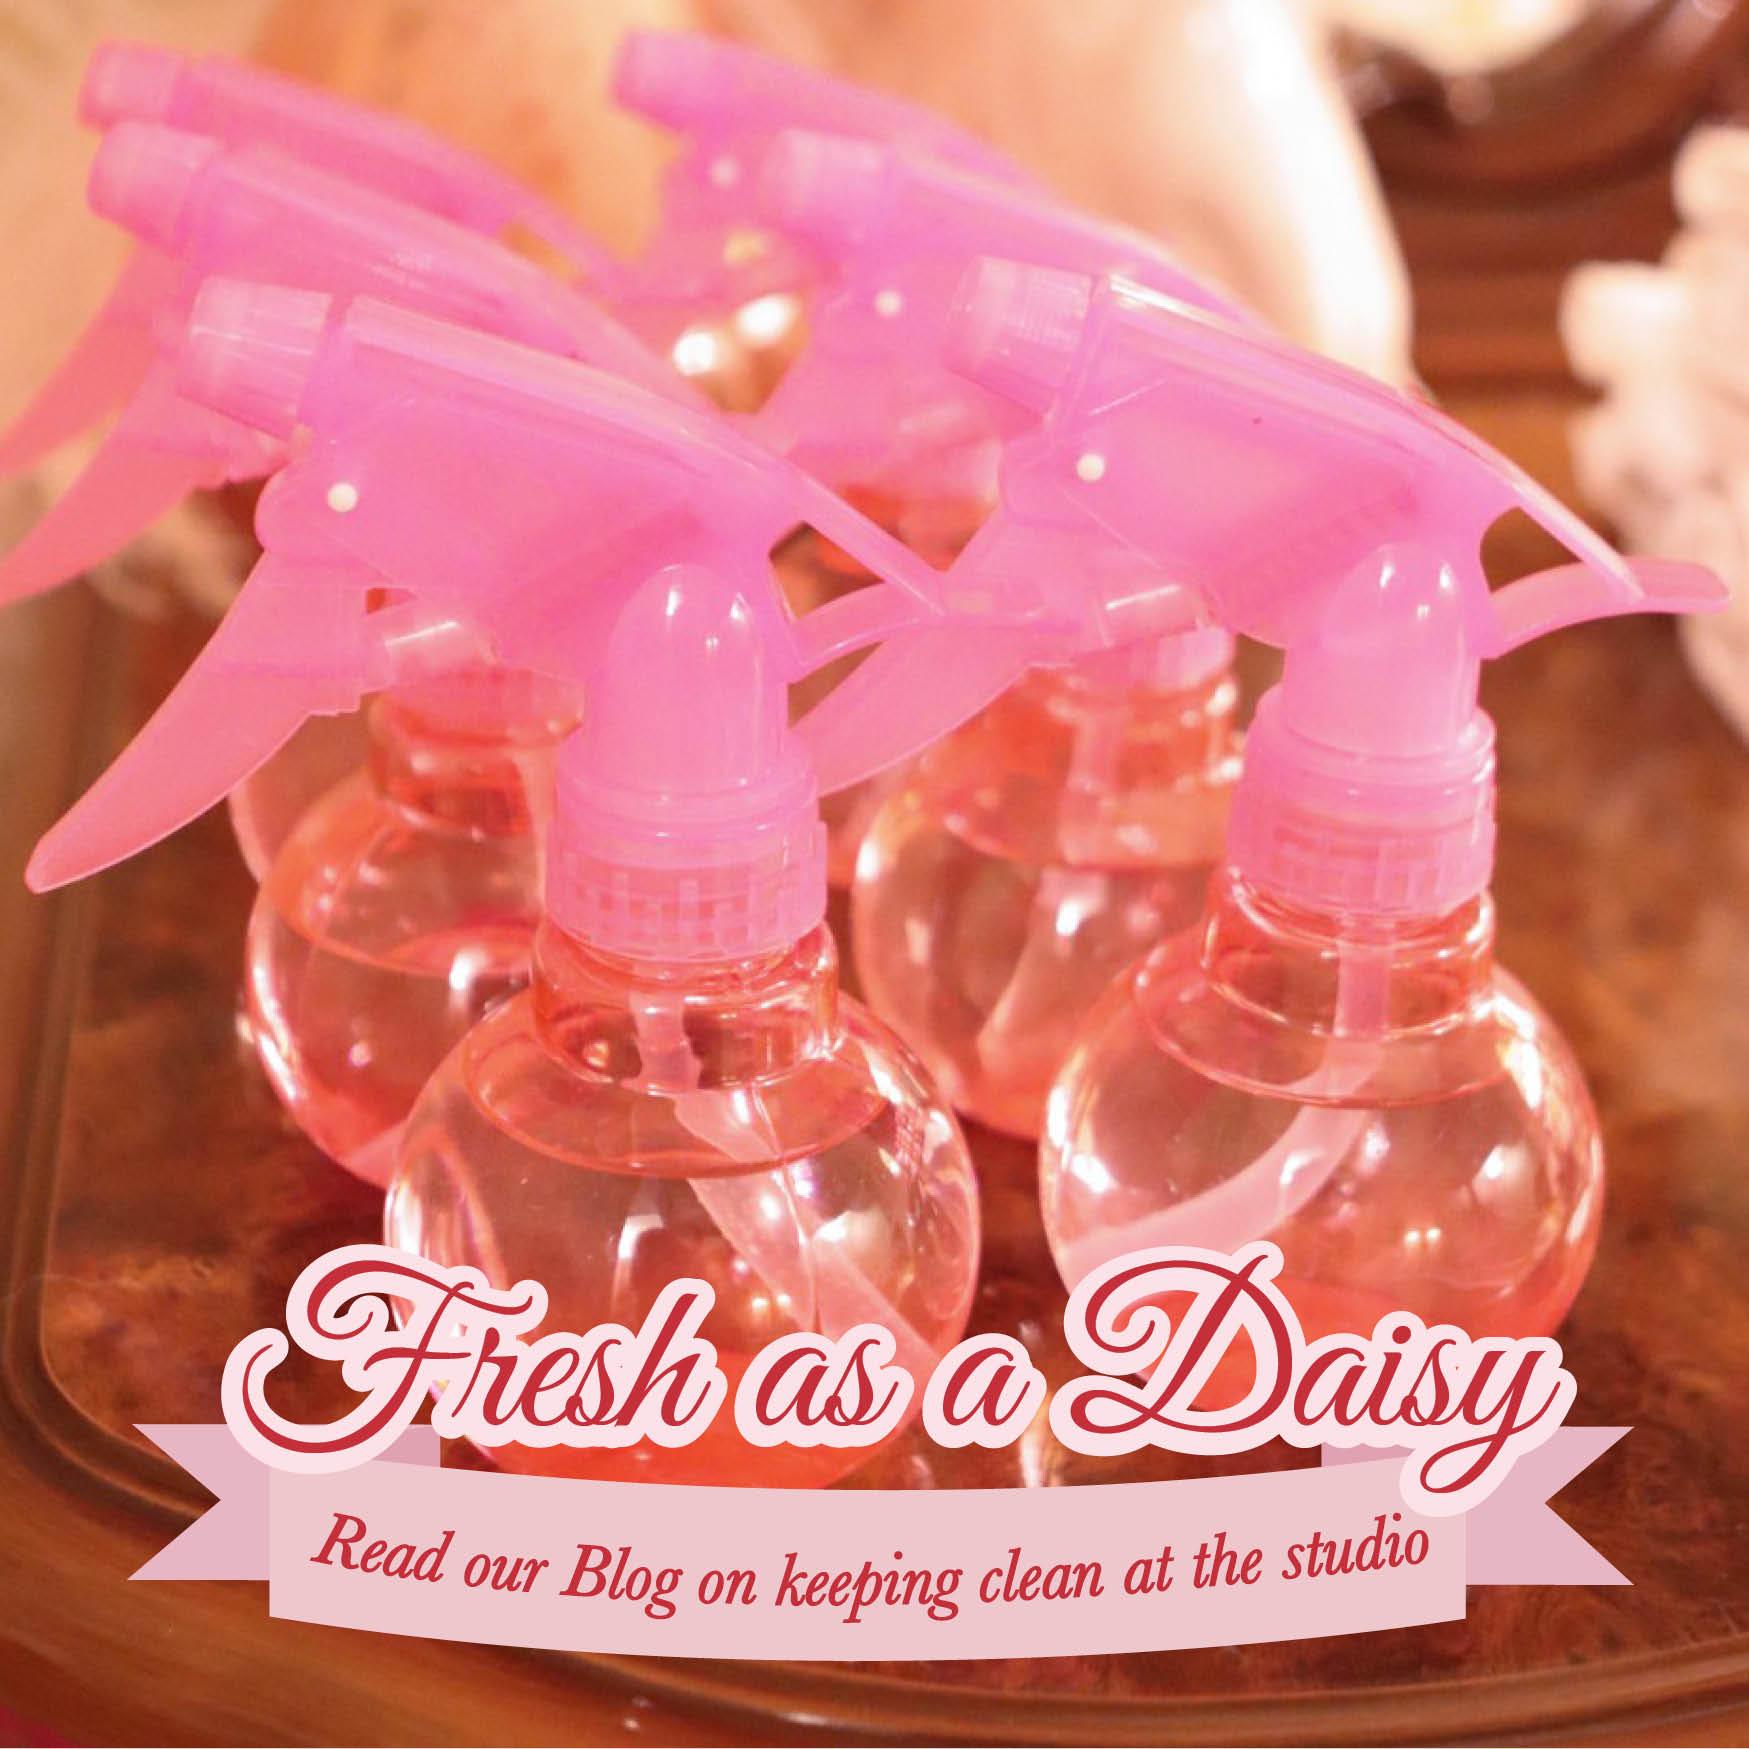 frsh-daisy.jpg